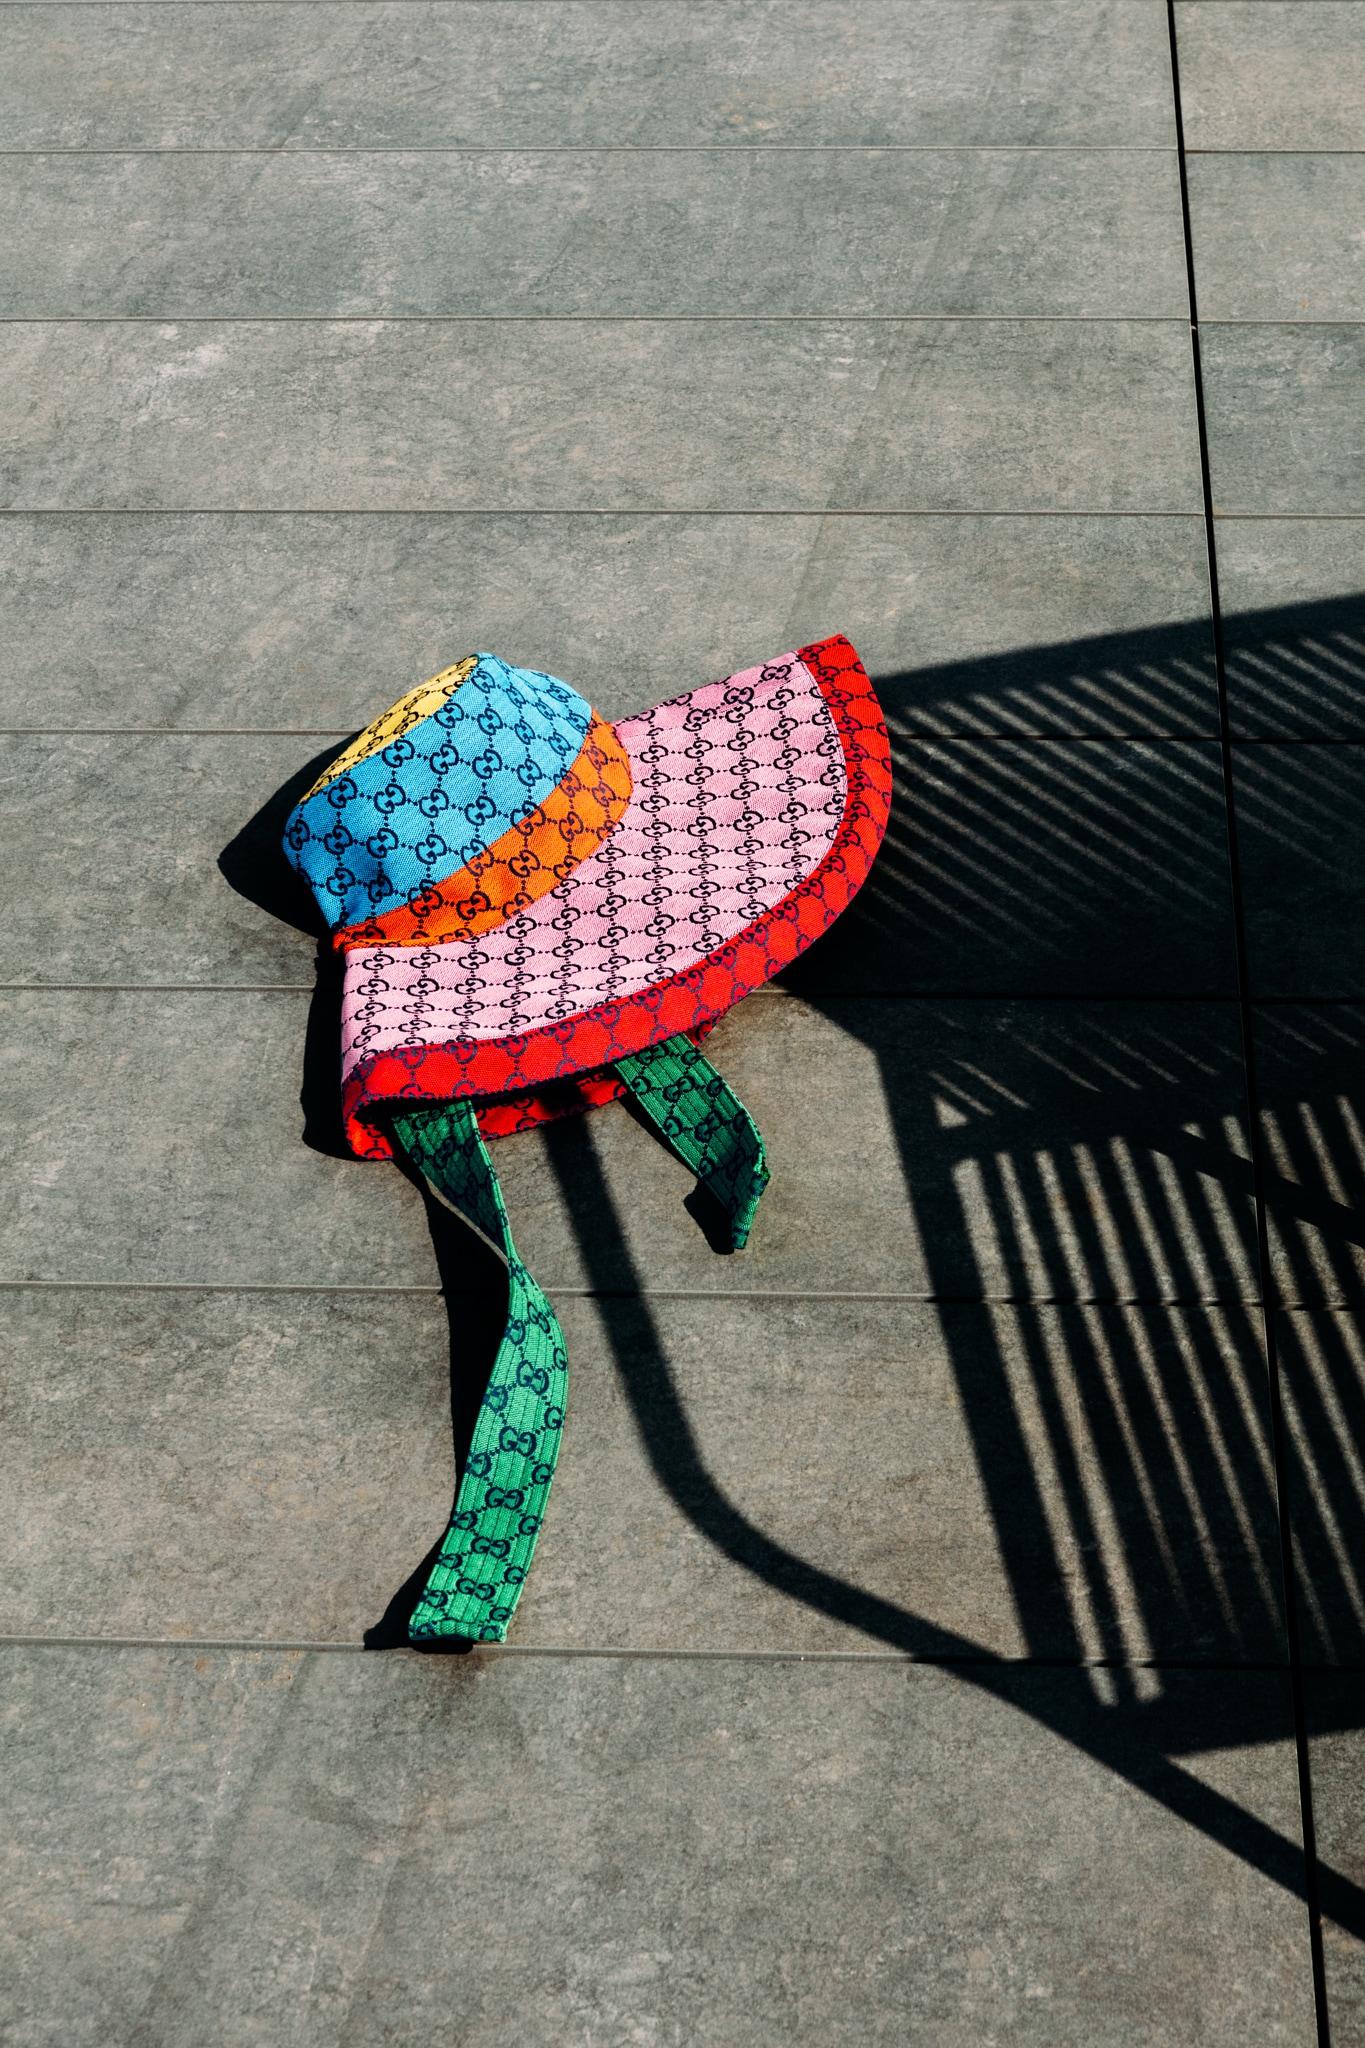 Cappello in jacquard GG, GUCCI. Foto Lea Anouchinsky.